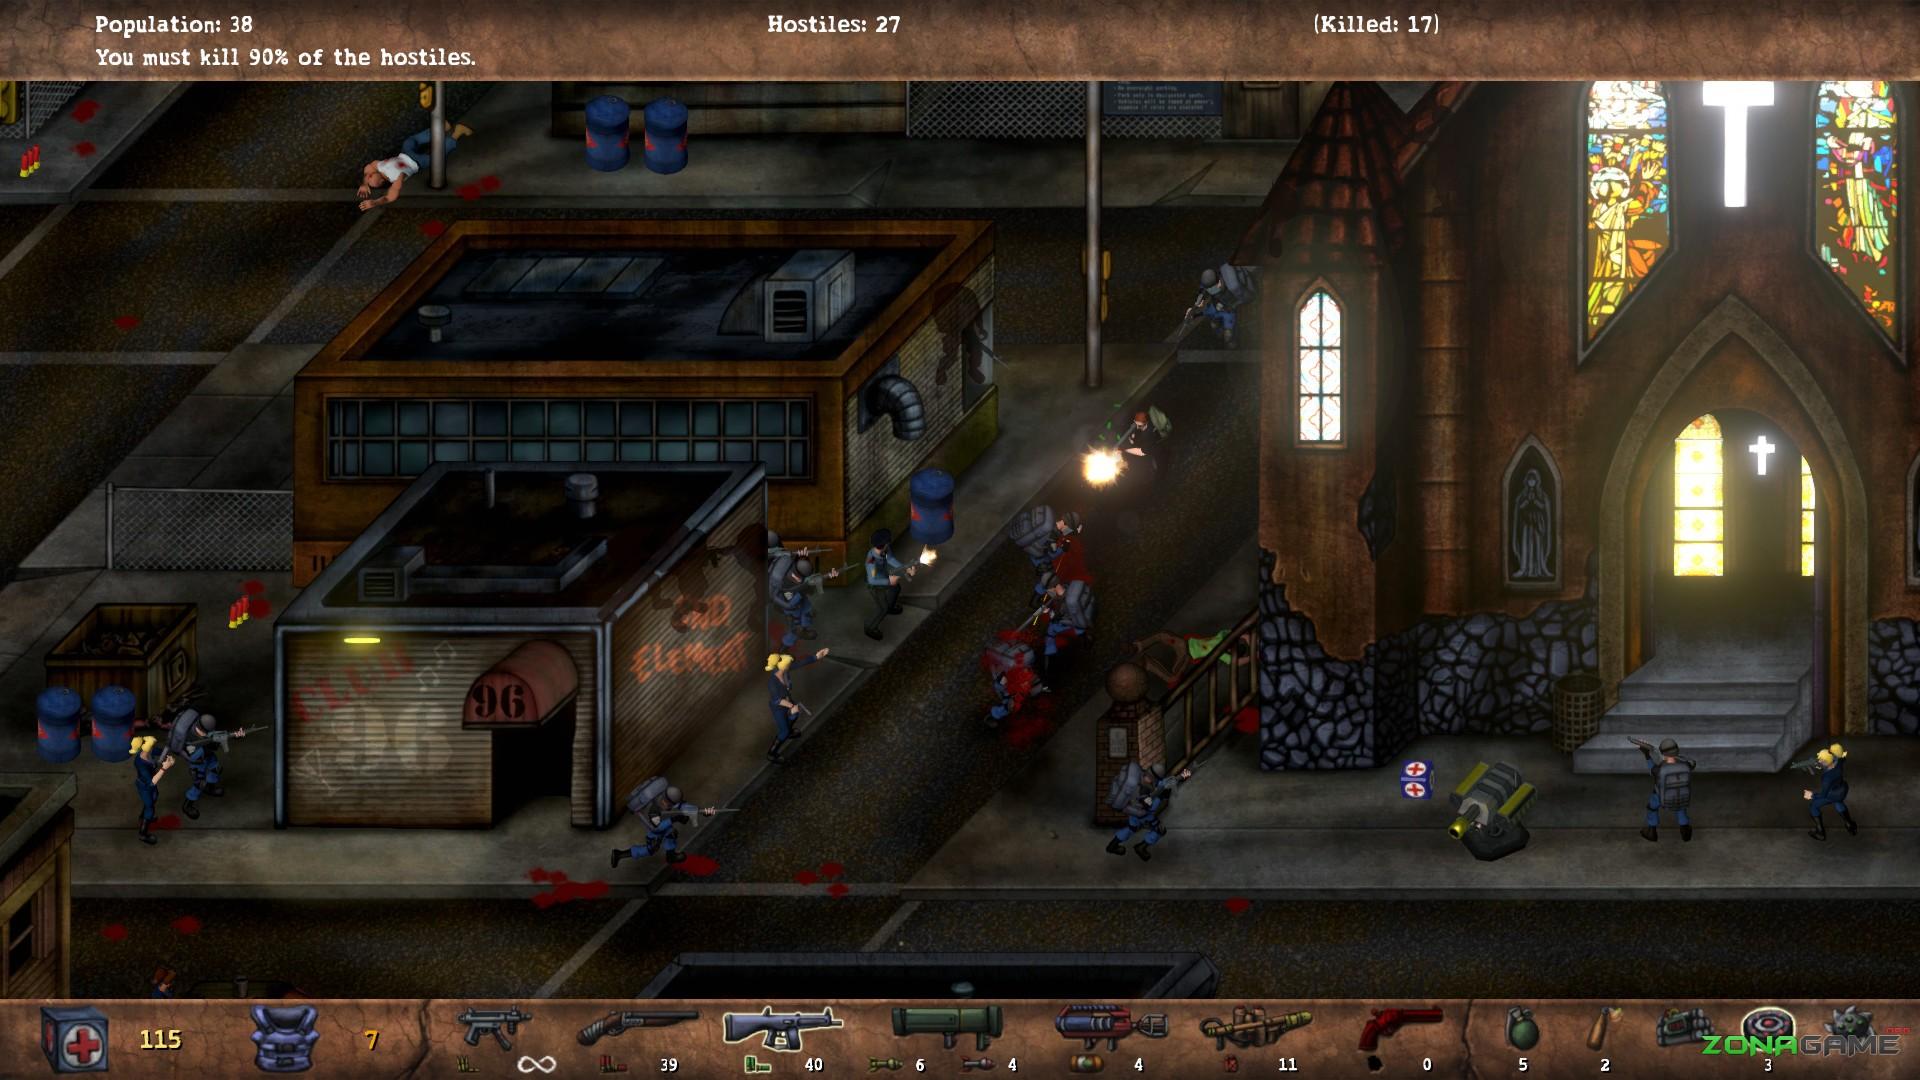 скачать игру battlefield 4 multiplayer через торрент